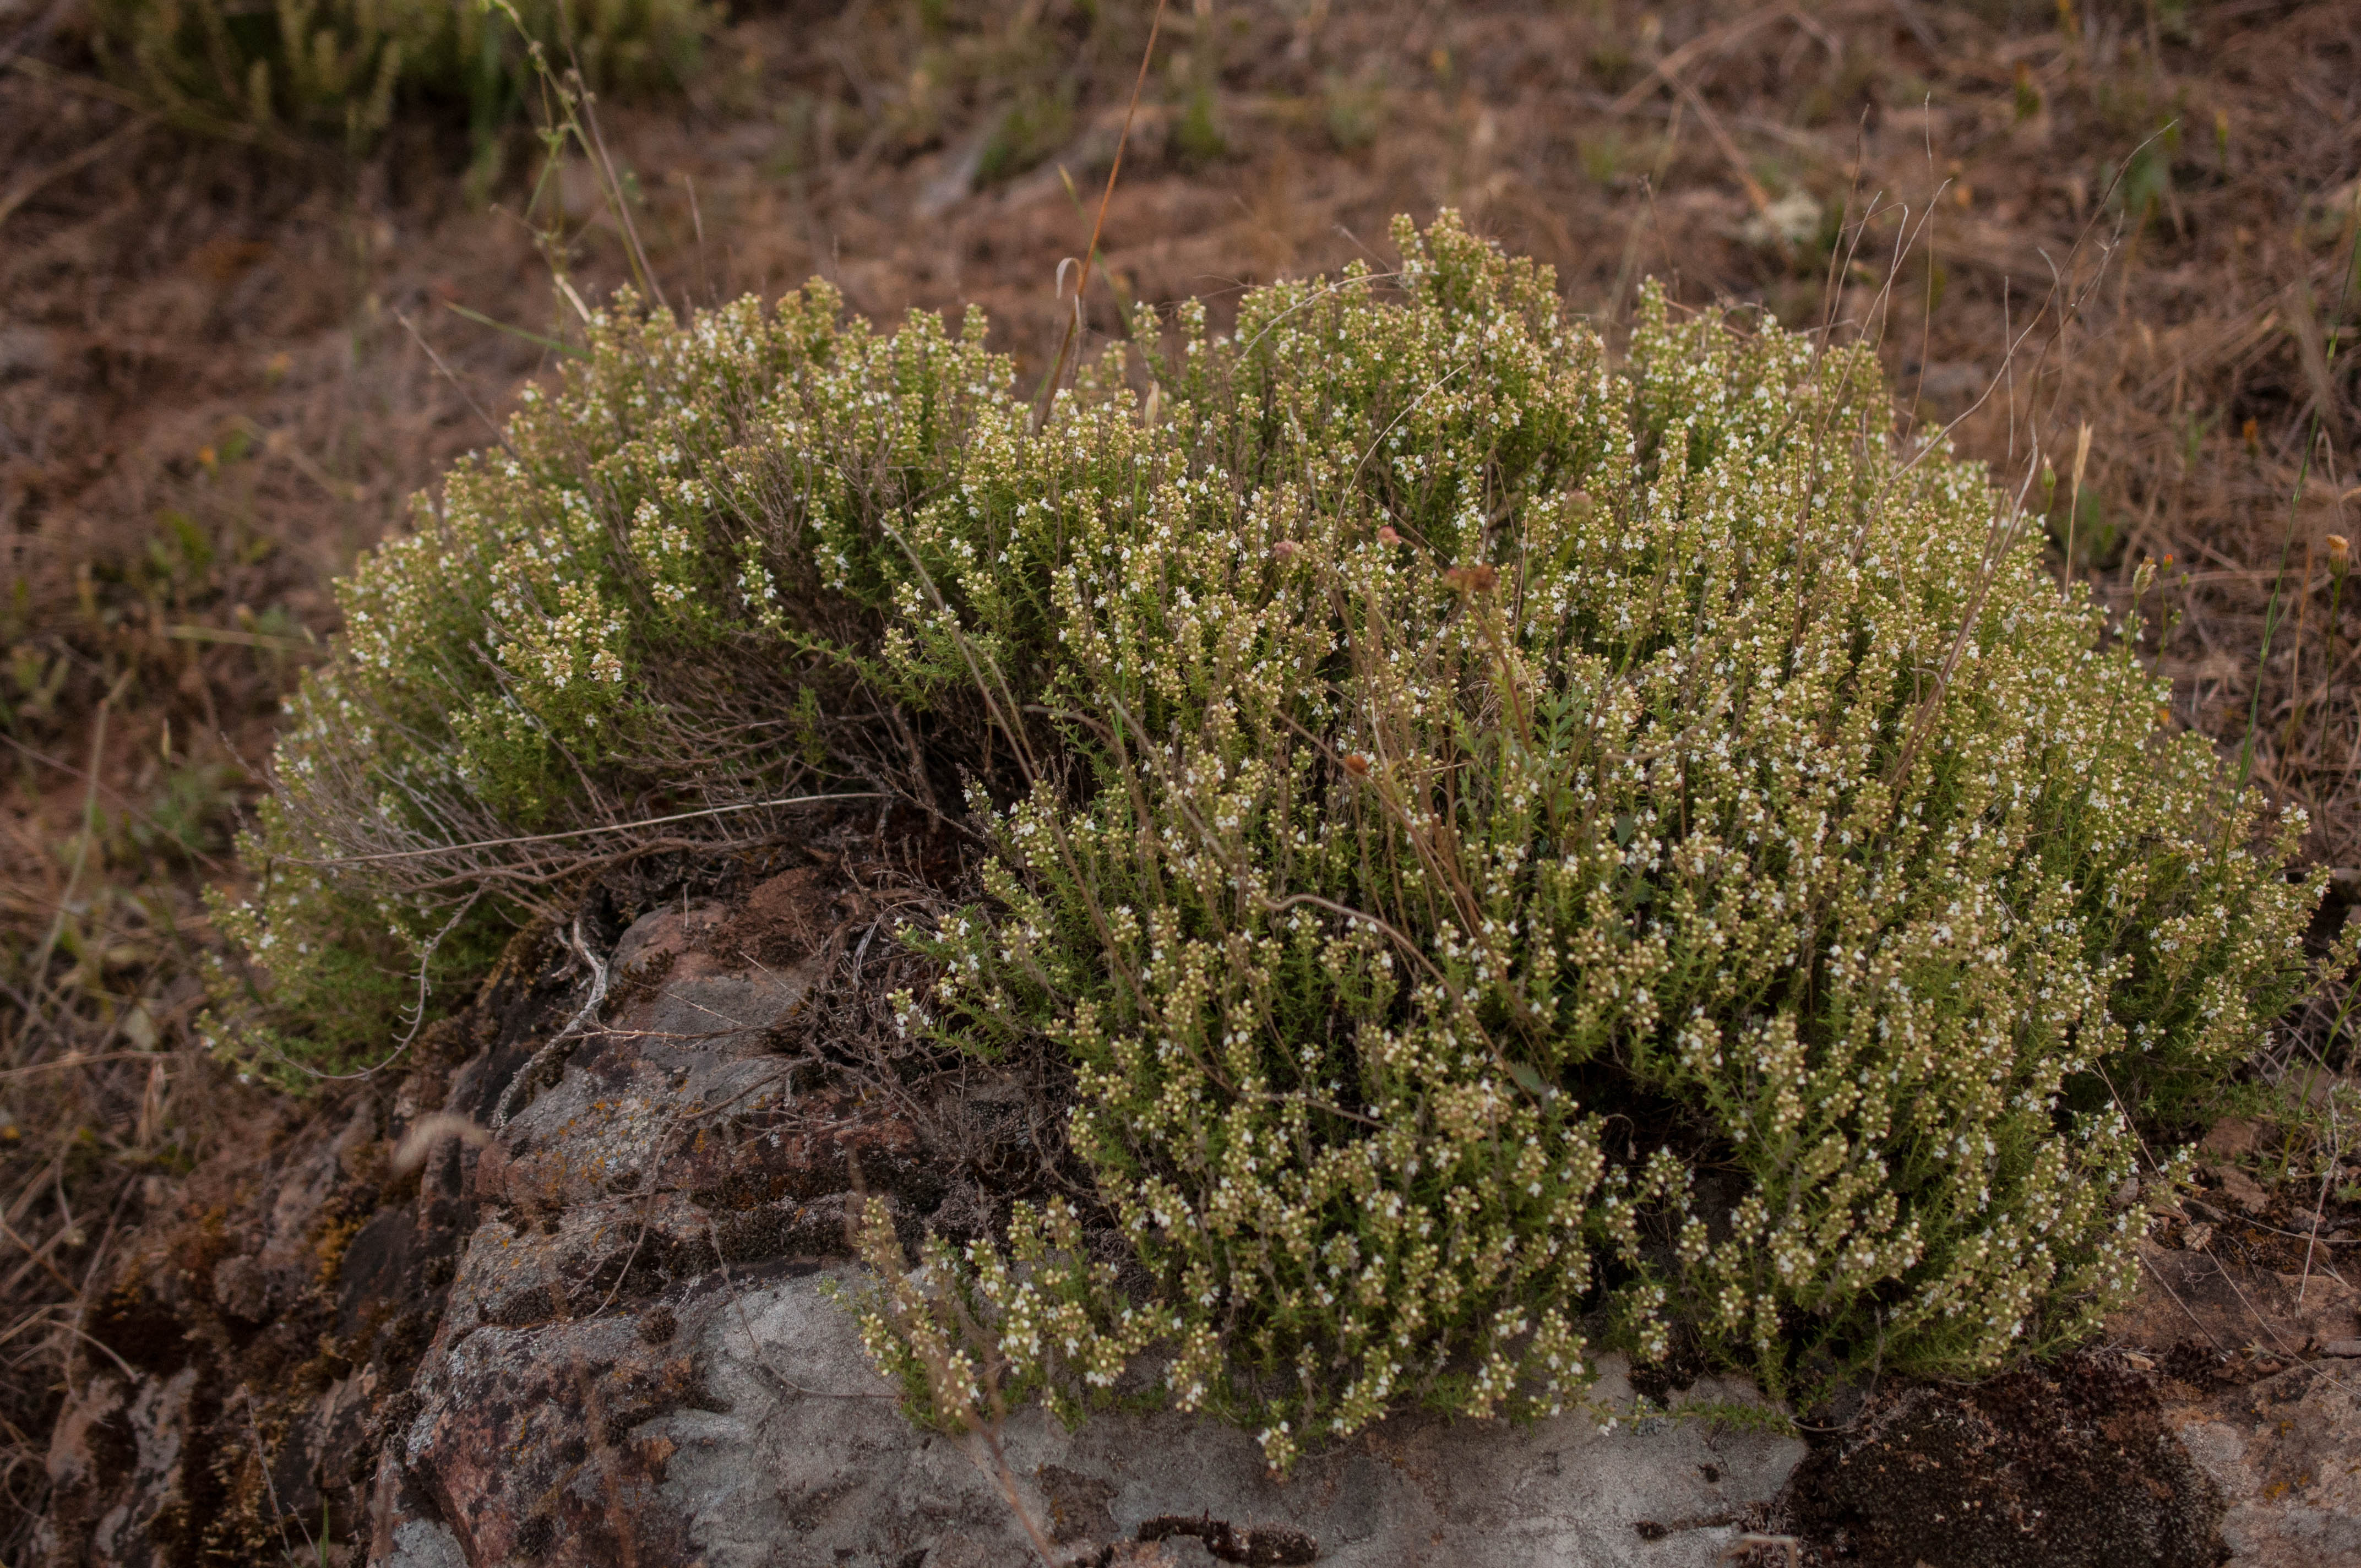 Thymus vulgaris Las Obreras de Aliste